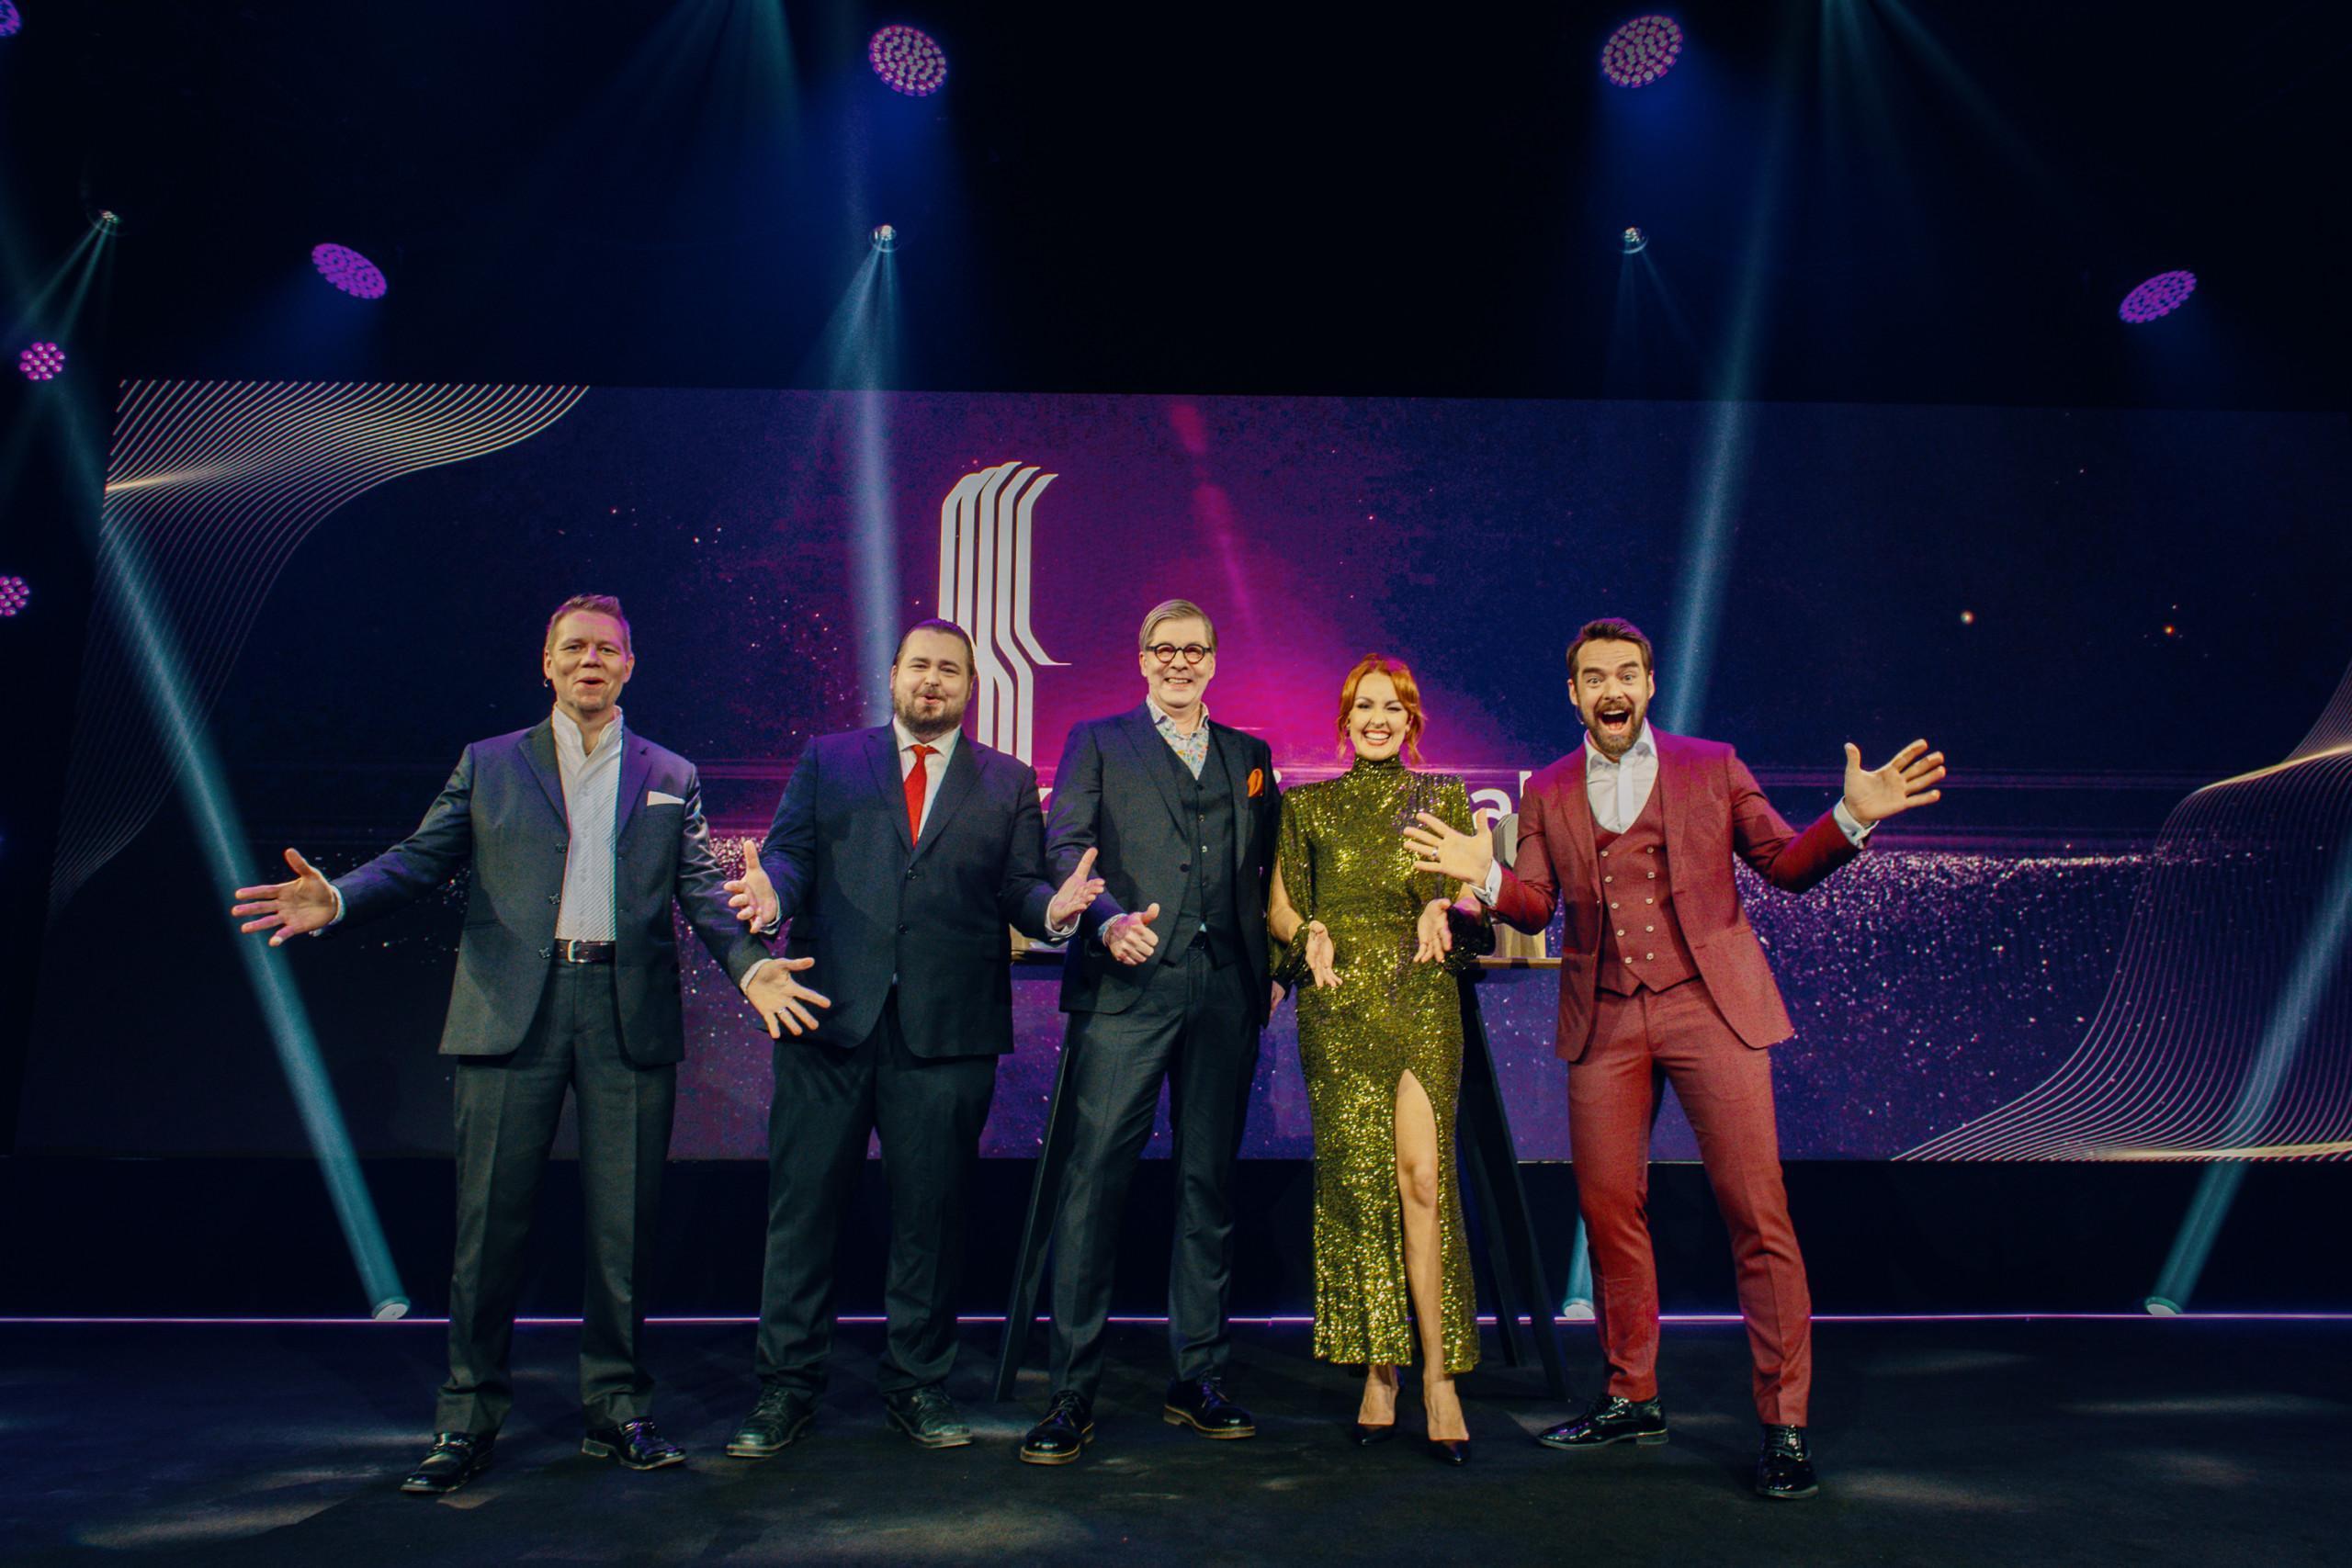 RadioGaala 2021 virtuaalitapahtumana oli huipputoteutus